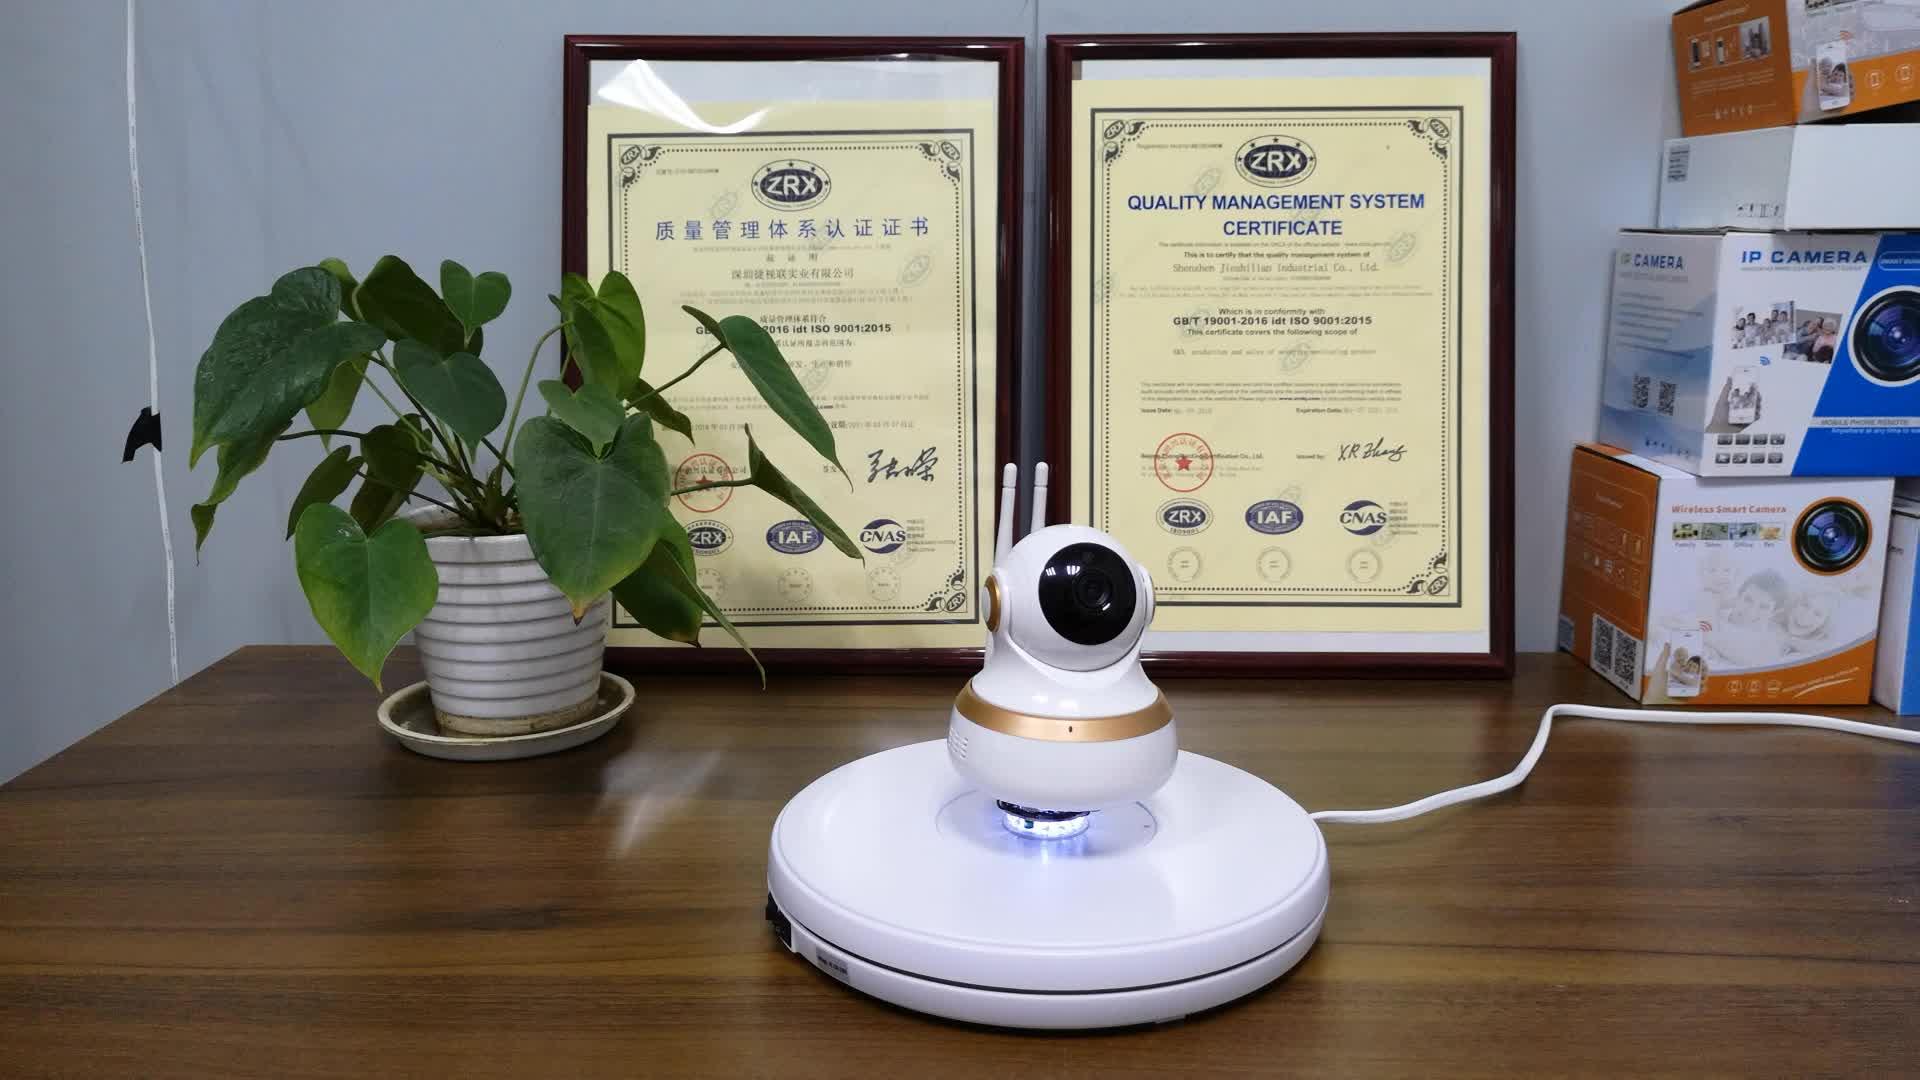 सुरक्षा वाईफ़ाई कैमरा P2P 1080P HD रिमोट पैन झुकाव नियंत्रण